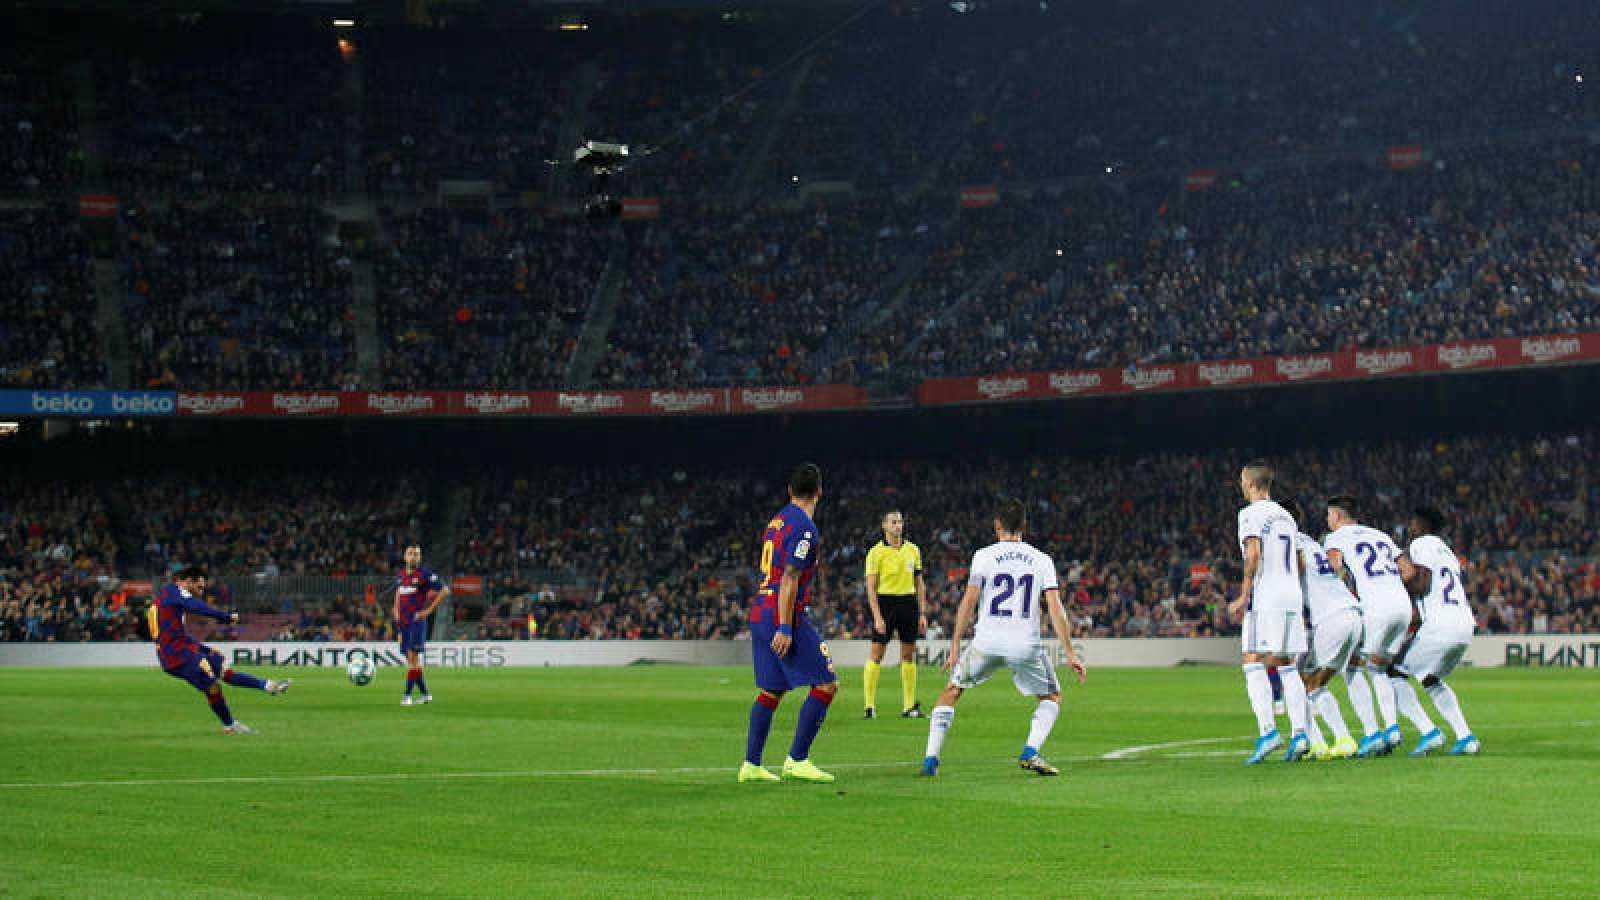 Lanzamiento de falta de Leo Messi para anotar el 2-1 del Barça ante el Valladolid.